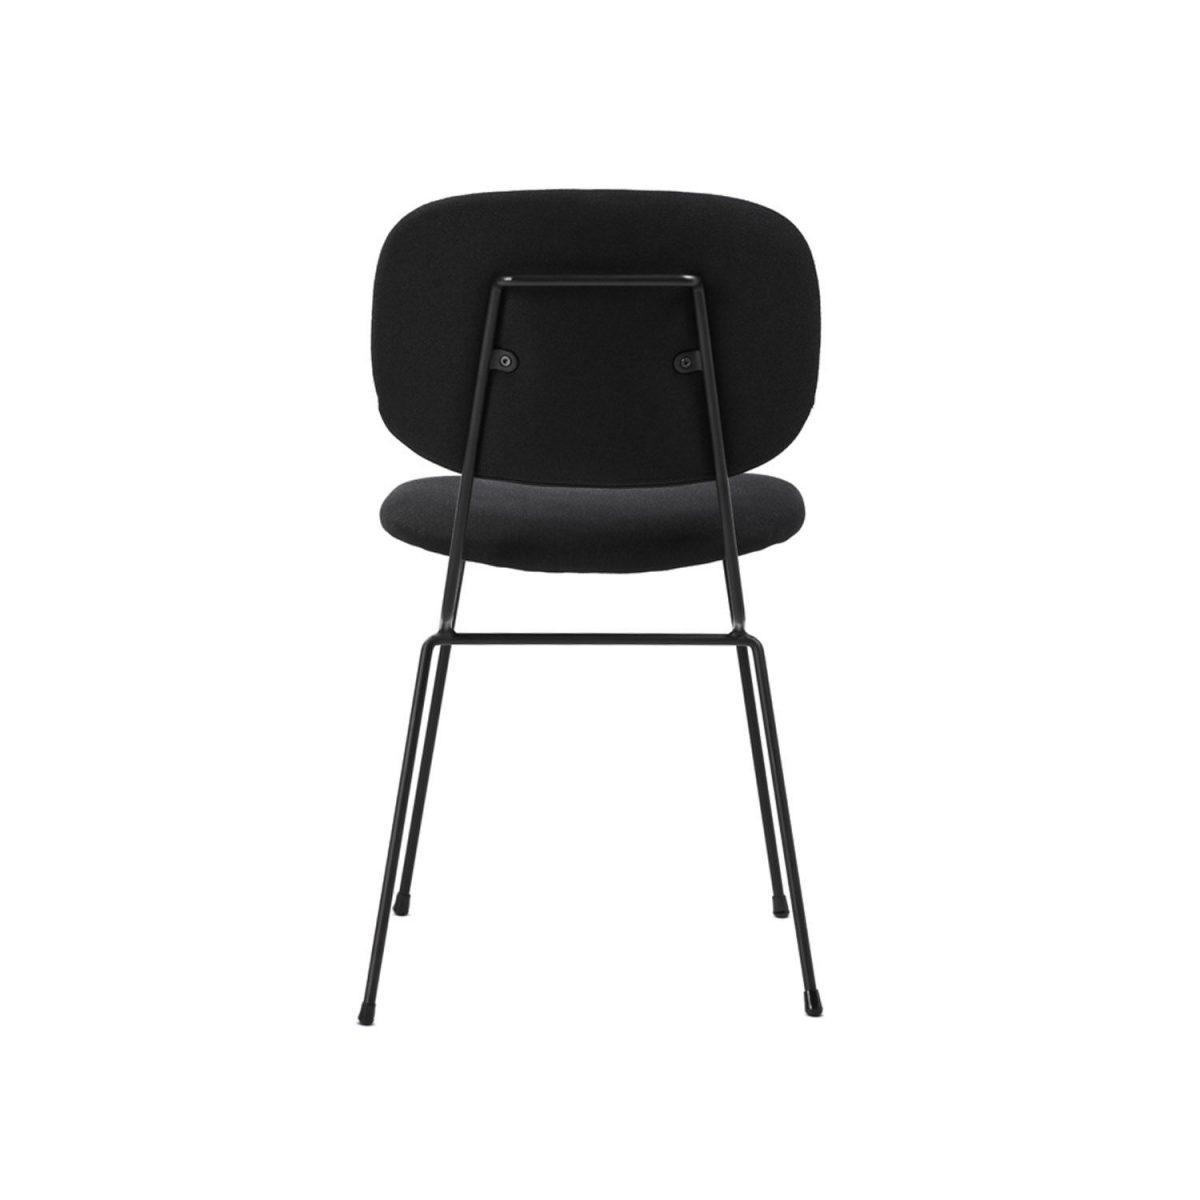 D Chair Lensvelt Gestoffeerd Stoel Eetkamerstoel Zwart Projectstoel Bureaustoel Minimalistische